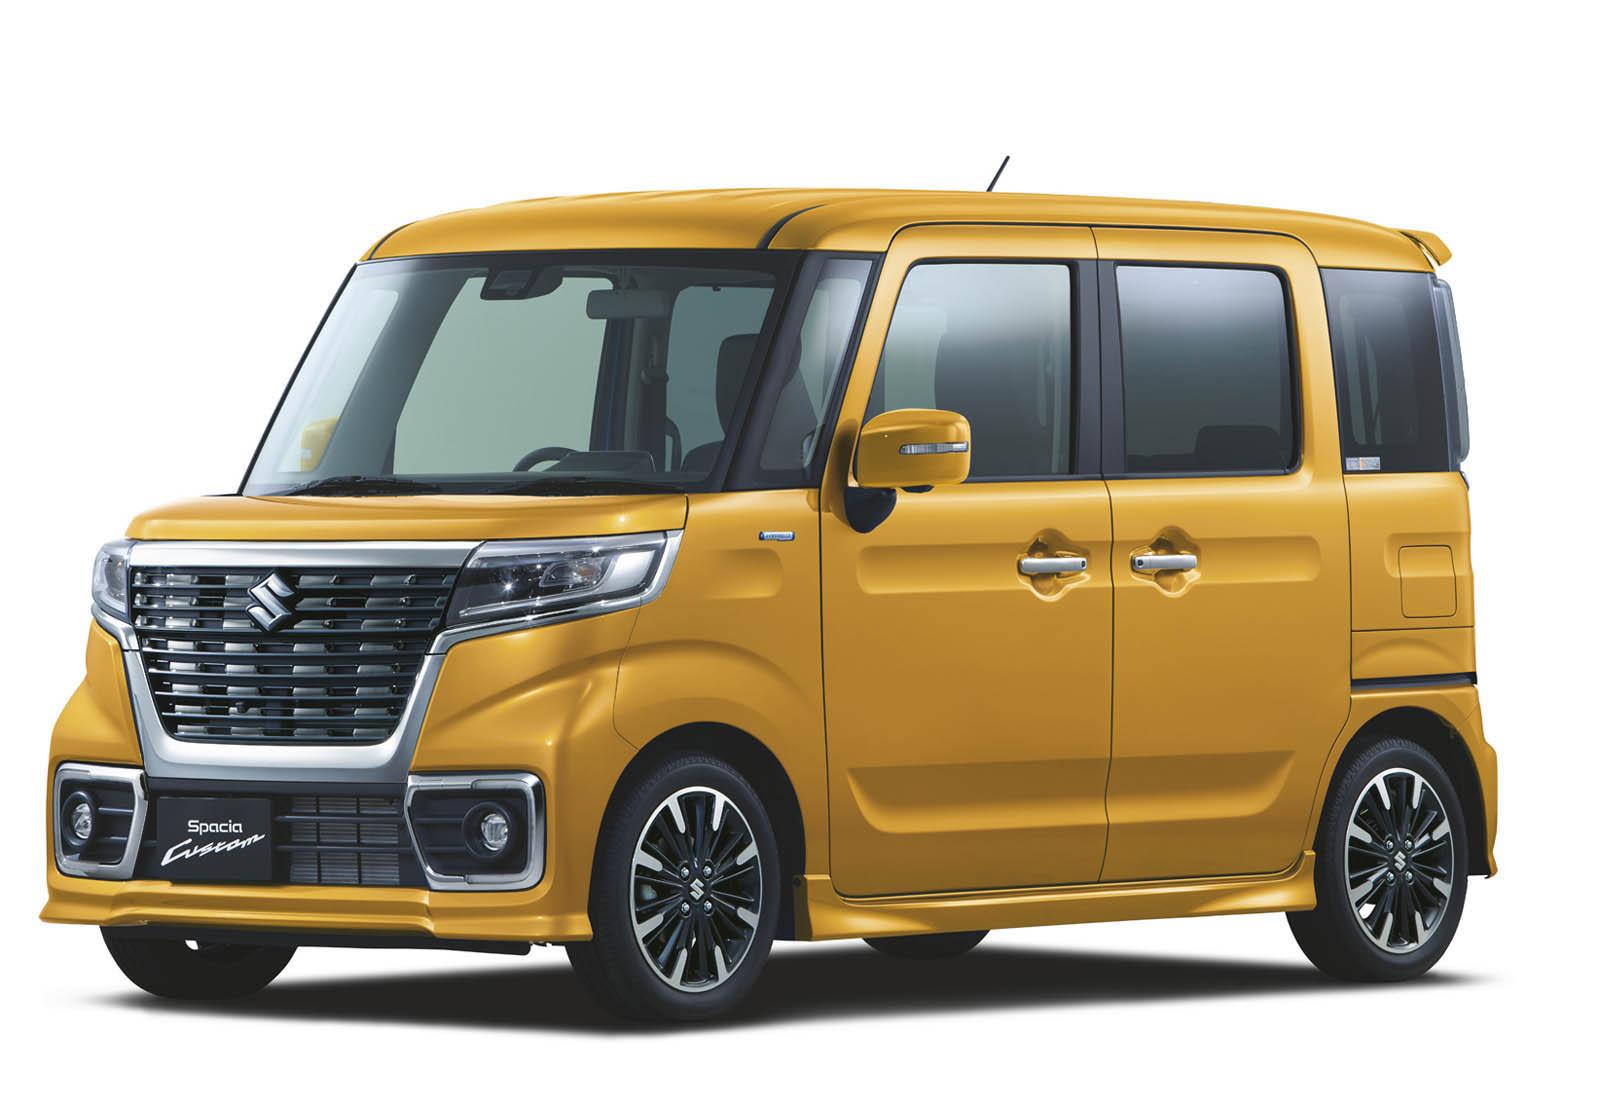 Suzuki Spacia 2018 (23)